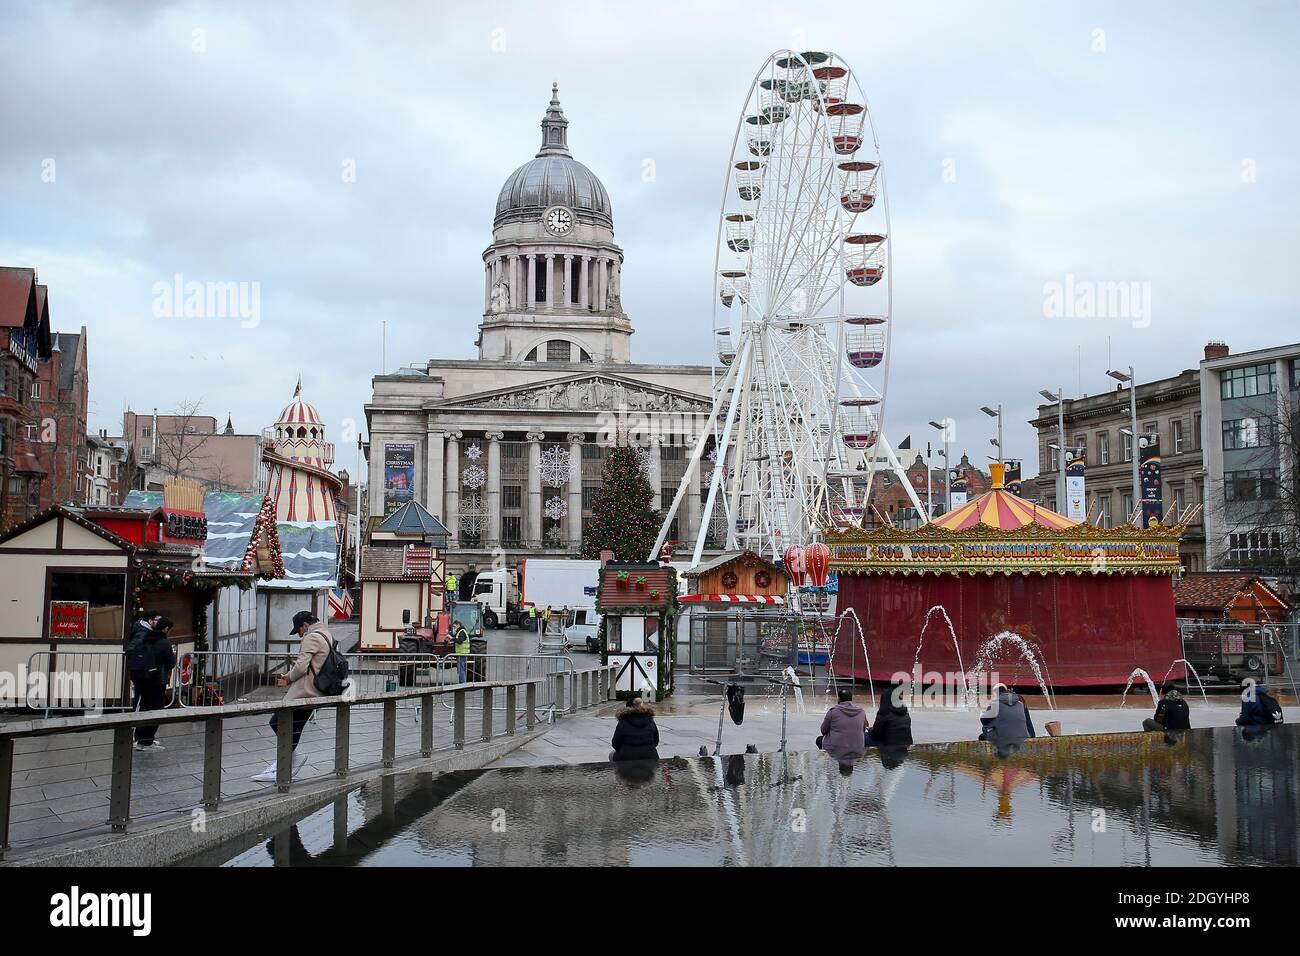 Vue sur le marché de Noël et les attractions de la place du Vieux marché, Nottingham, mercredi 2 décembre 2020. Banque D'Images